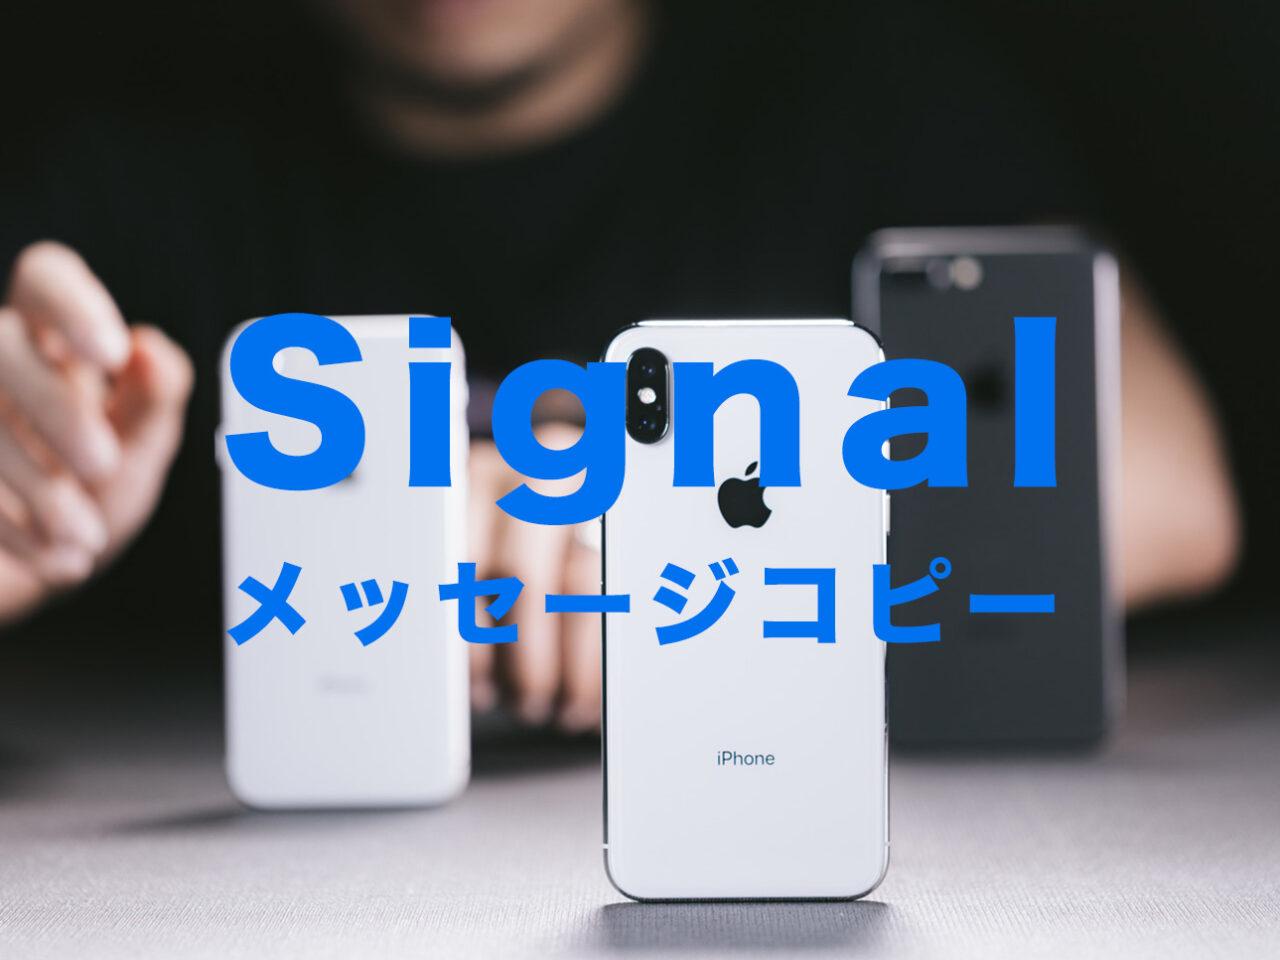 Signal(シグナル)でメッセージをコピーする方法は?【チャットアプリ】のサムネイル画像